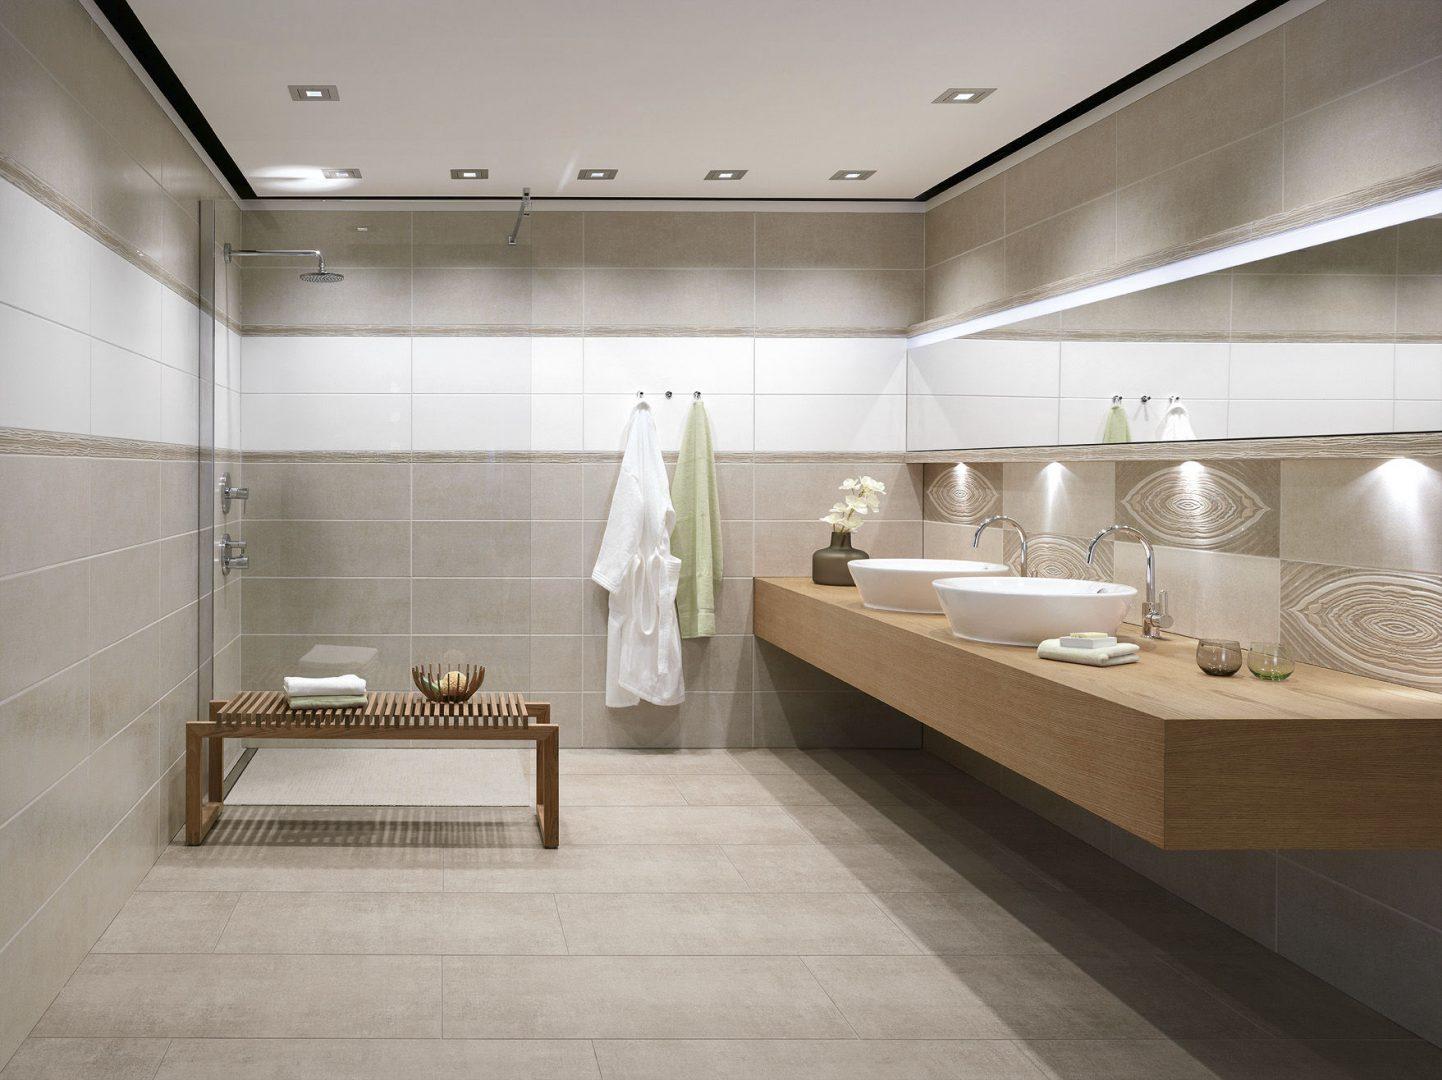 5 trucos e ideas para elegir los azulejos de tu baño